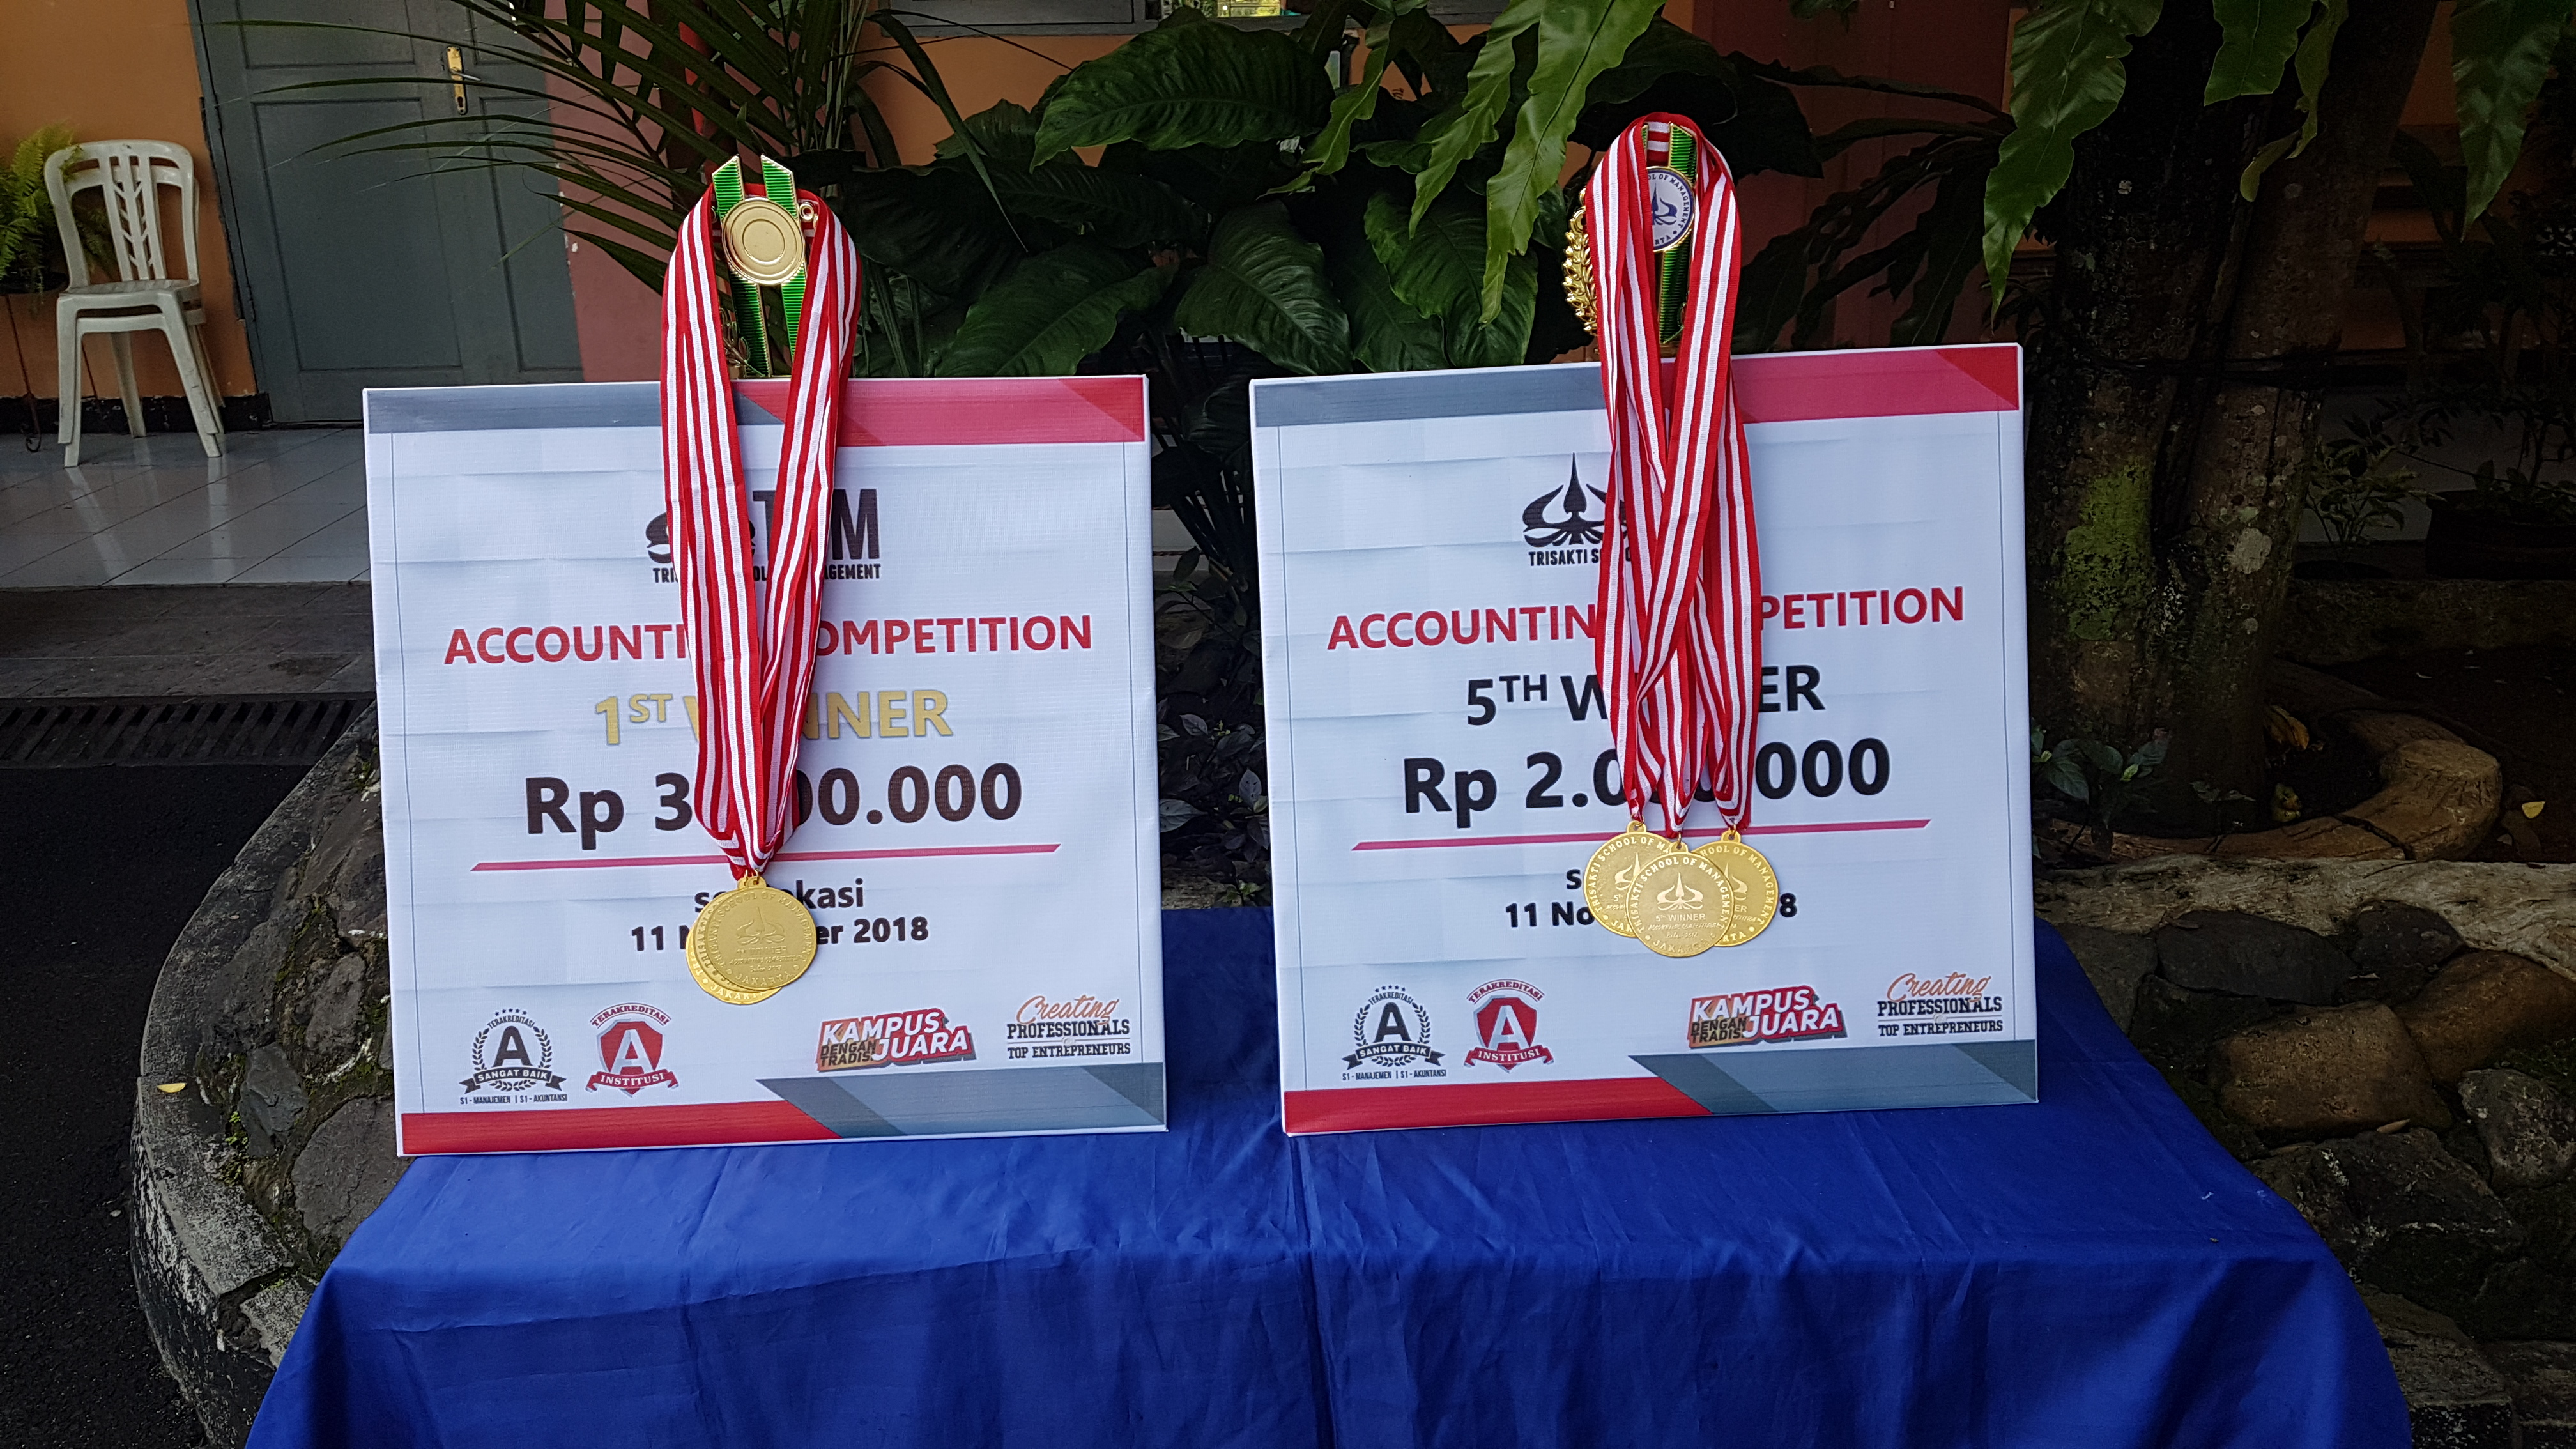 Juara 1 Lomba Akuntansi di Universitas Trisakti